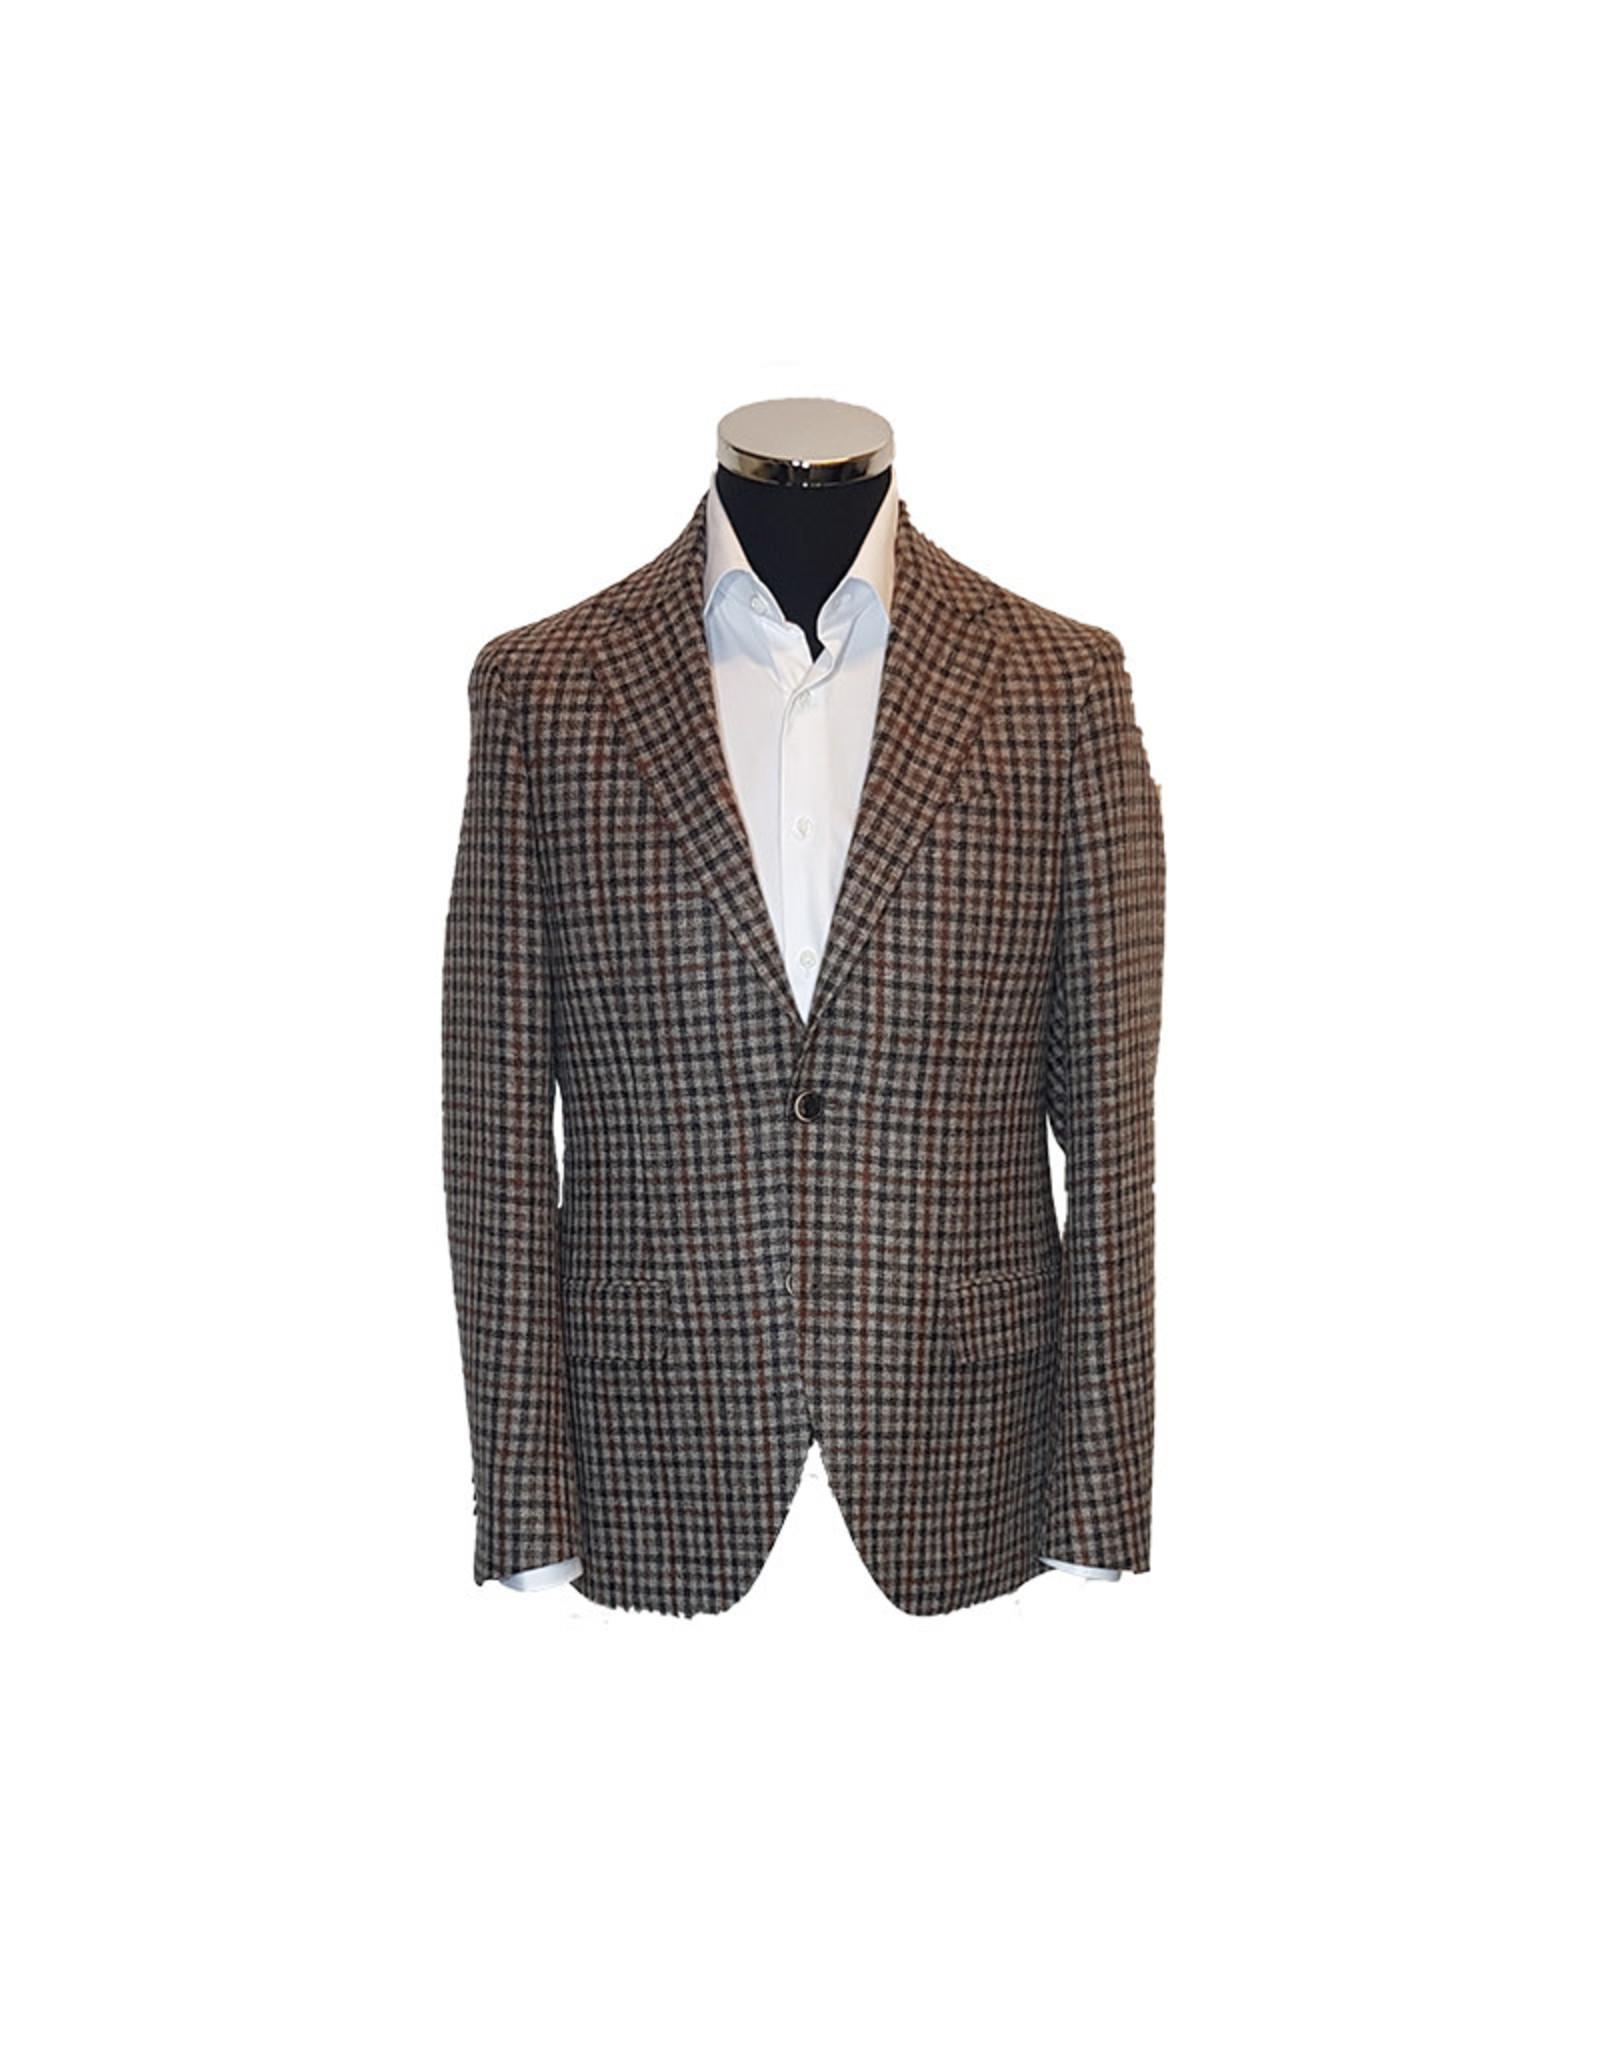 Latorre Gabiati vest beige-blauw ruit Q80543/1